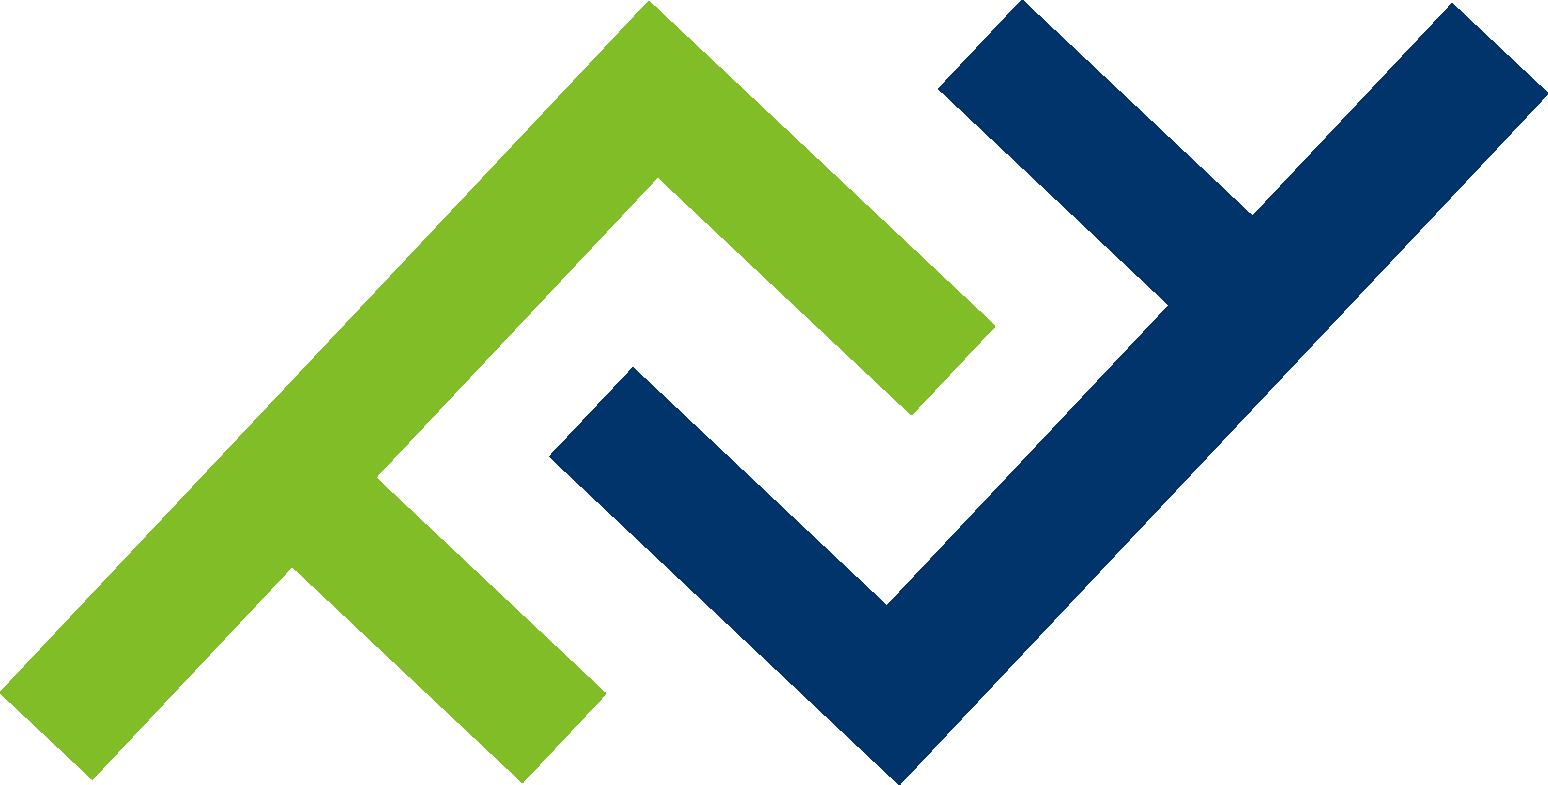 https://aqinac.com/wp-content/uploads/2019/11/Symbole_RGB-1.png